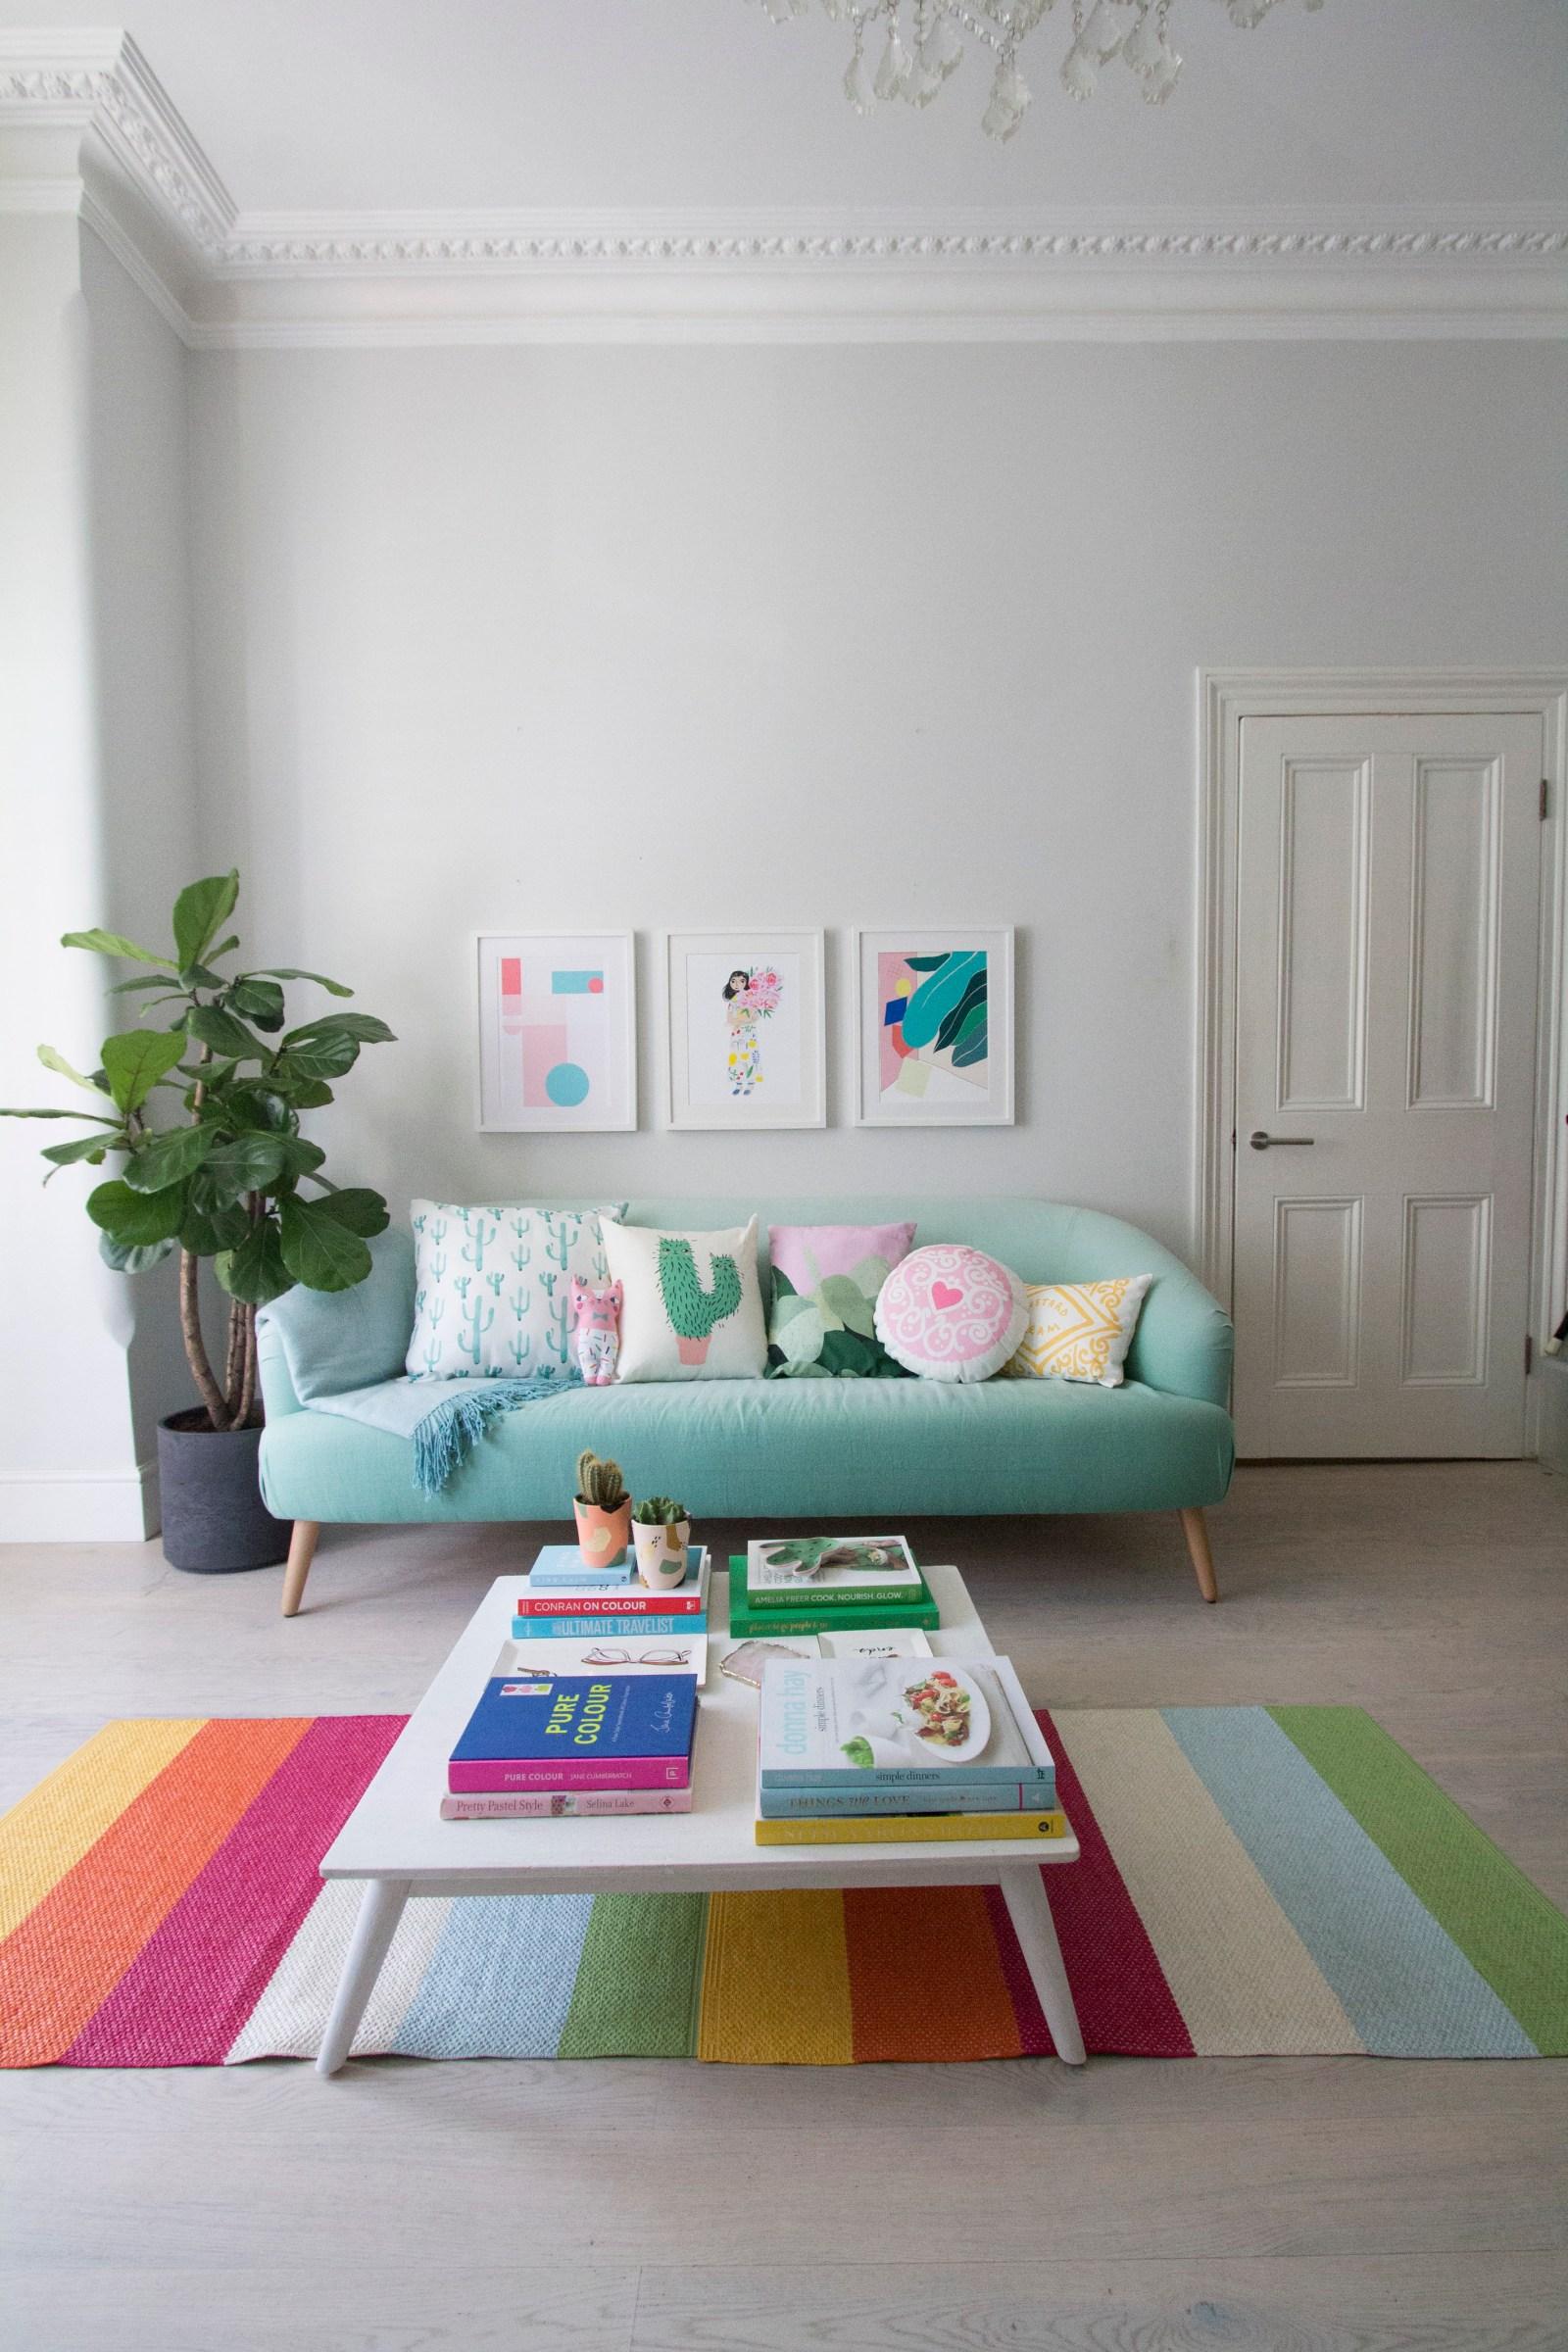 Phong cách nội thất Retro màu sắc, tươi vui